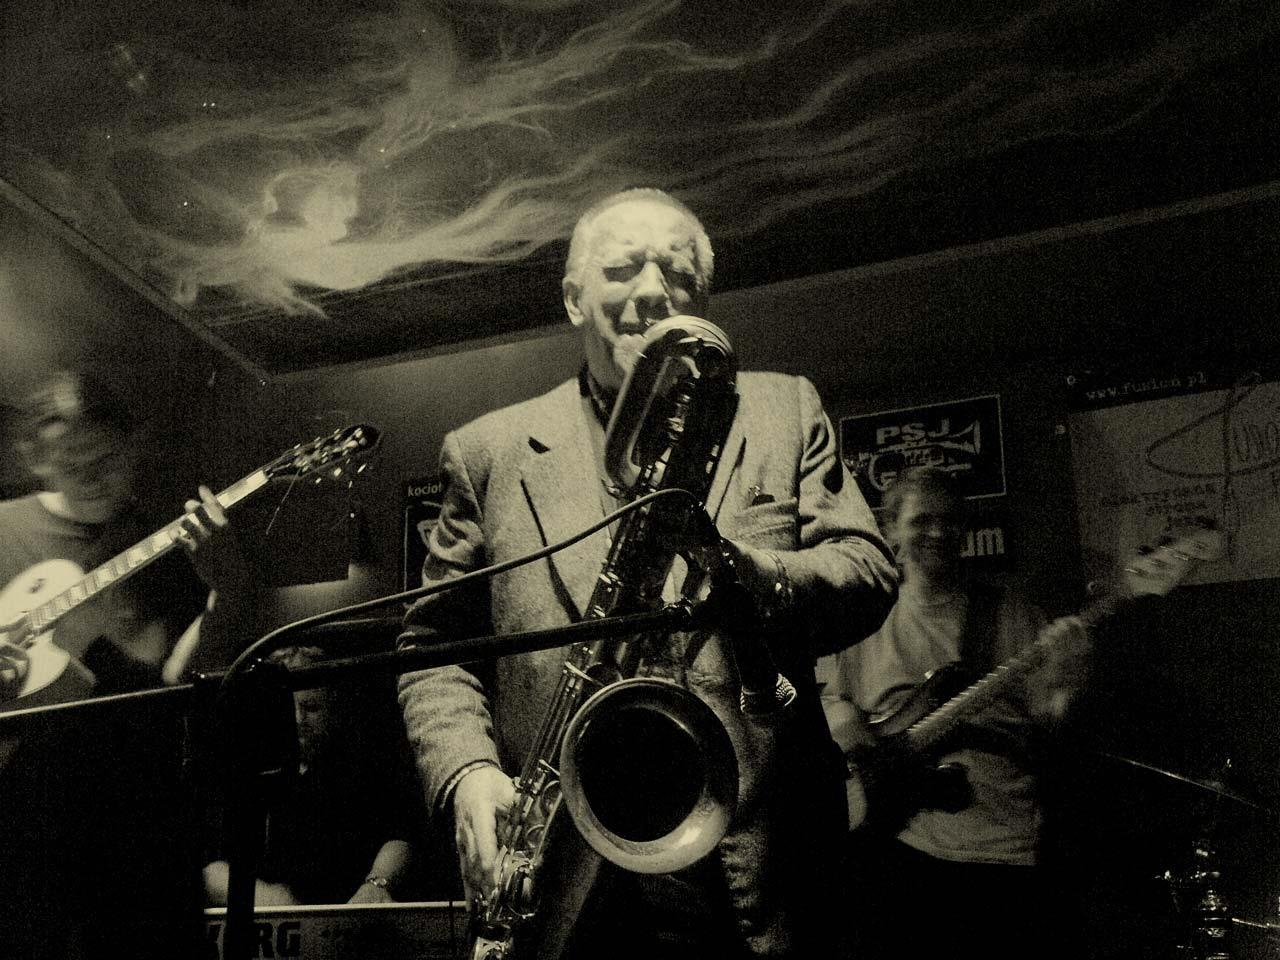 3d Jazz Music Wallpapers: Jazz Art Wallpaper